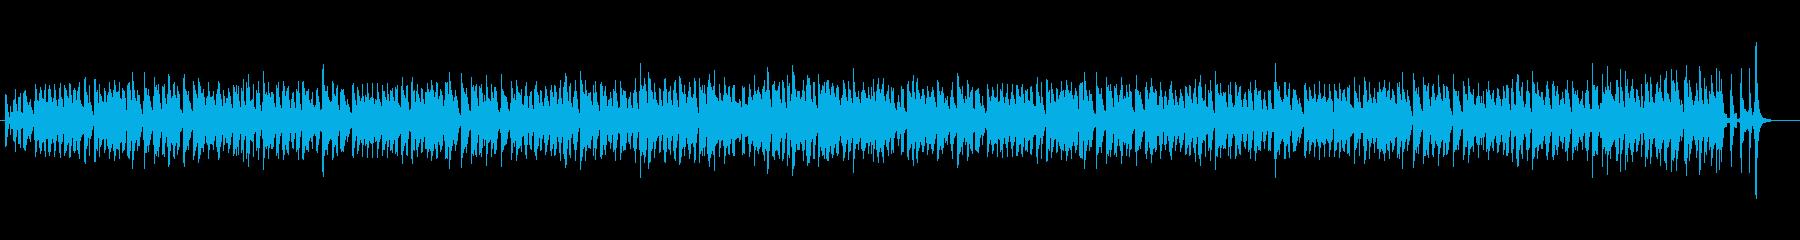 ワクワクするジャズピアノトリオの再生済みの波形